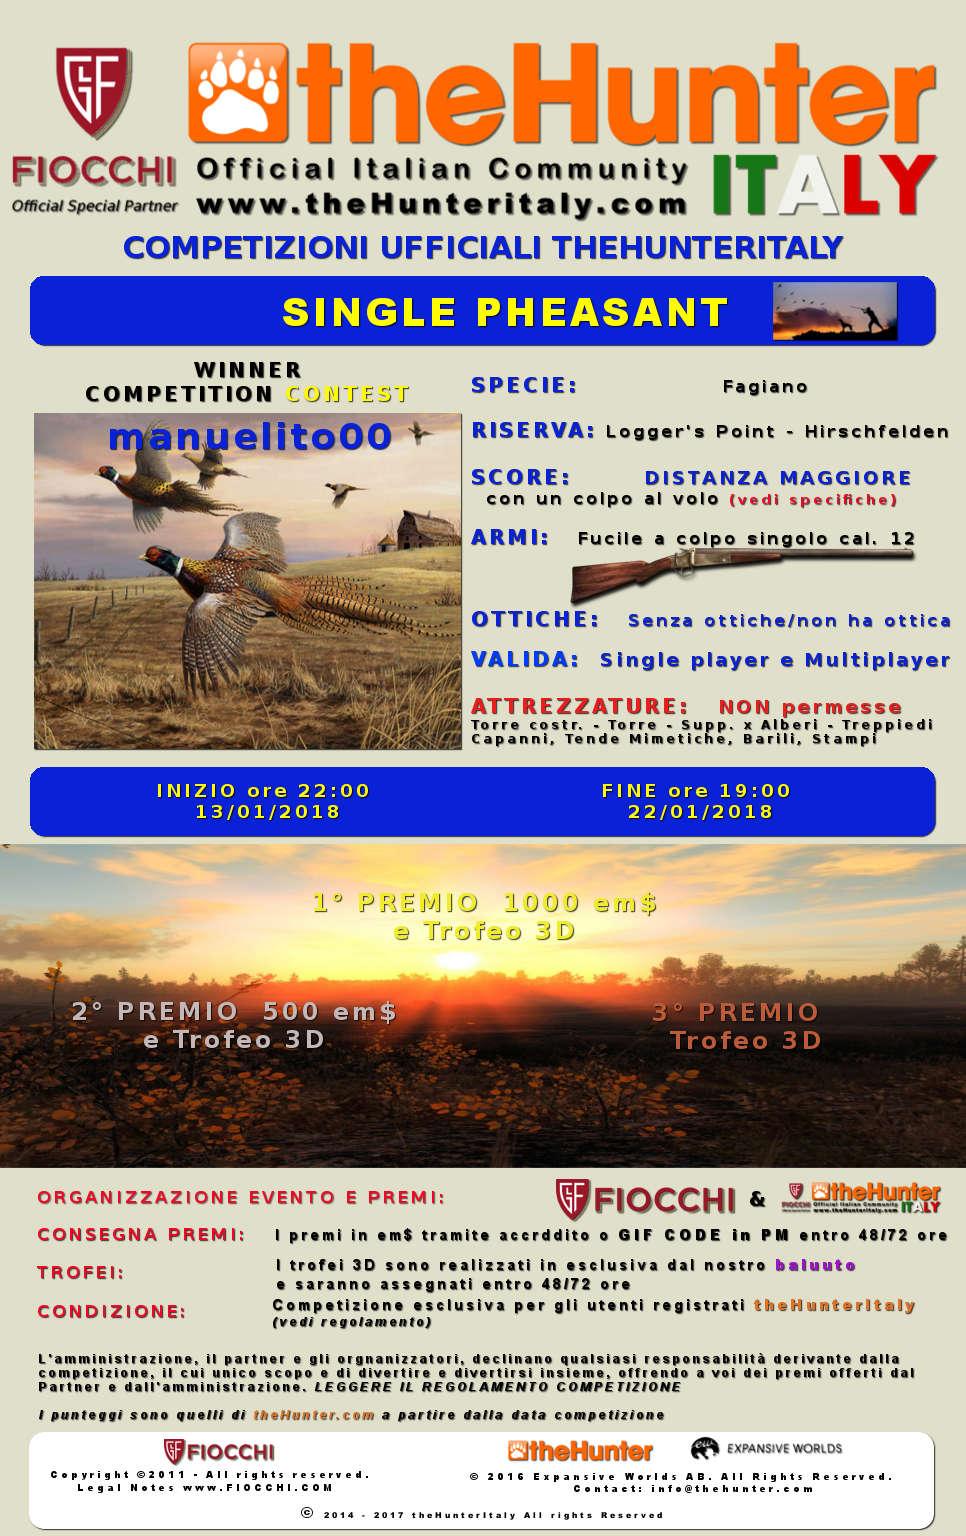 [CONCLUSA] Competizioni ufficiali TheHunteritaly - Single Pheasant/manuelito00 contest  - Fagiano - Manuel10